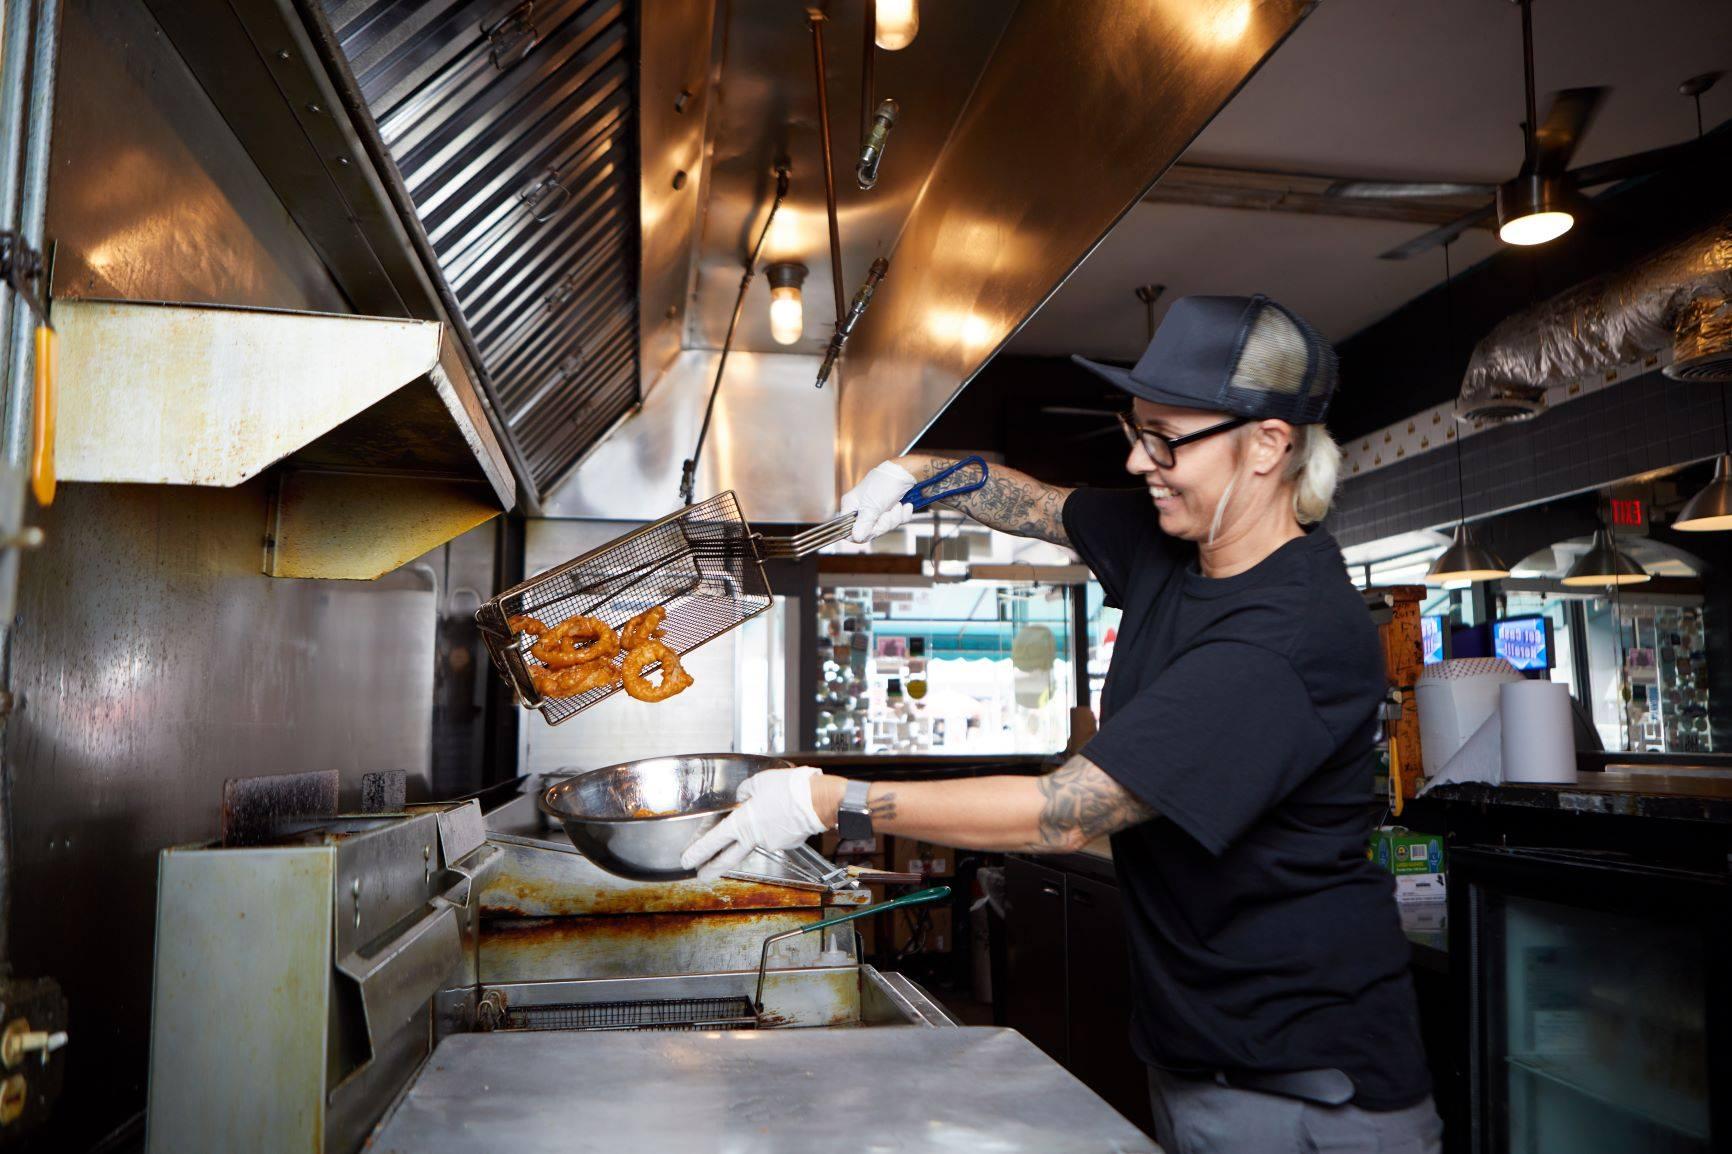 restaurant owner work in the kitchen